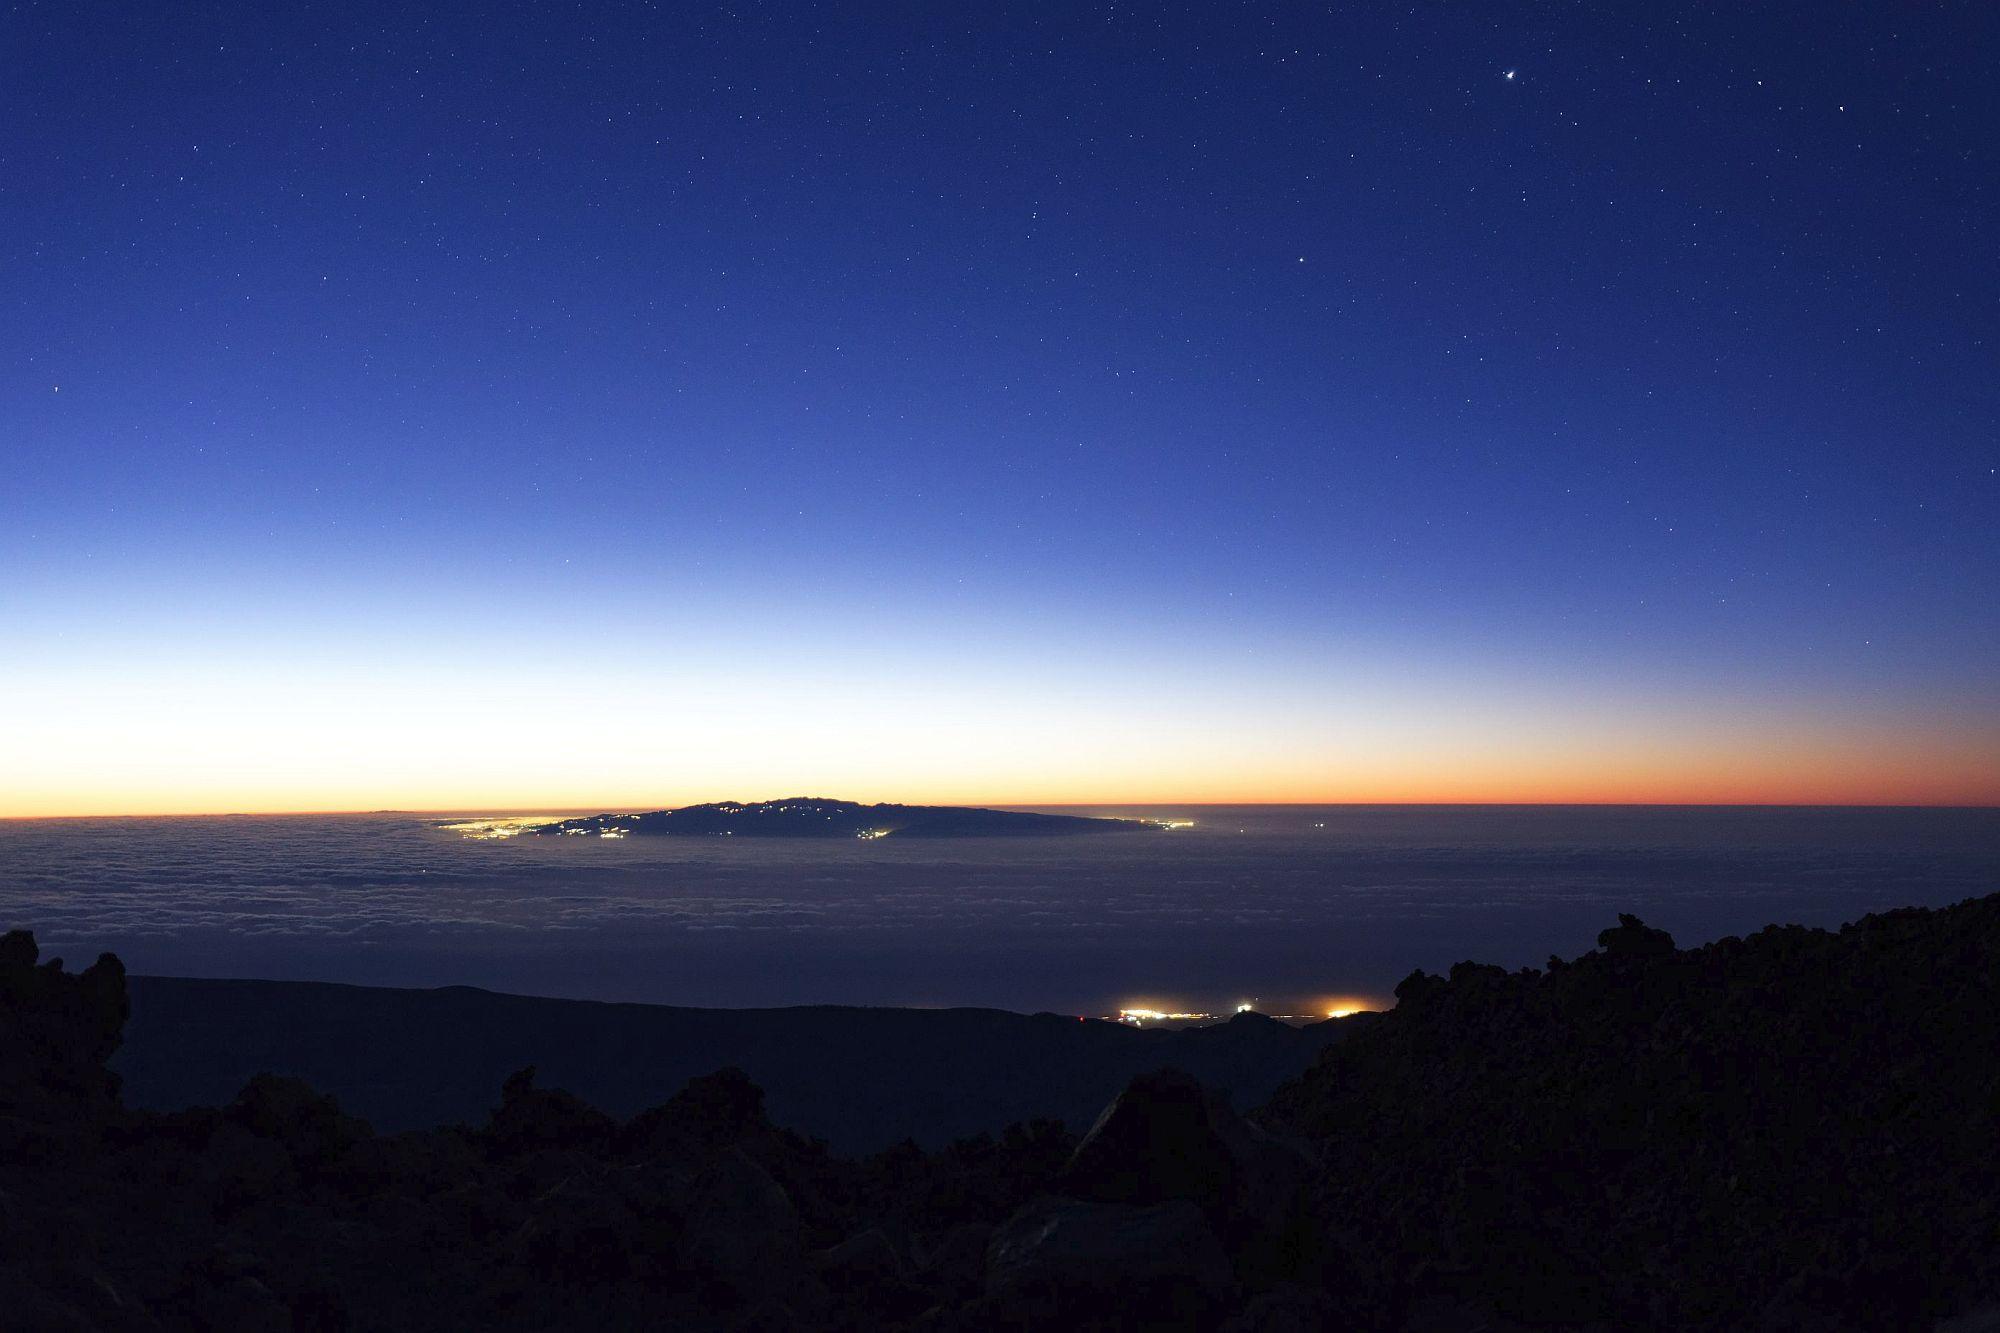 Die Sonne steht knapp unter dem Horizont im Osten. Der Blick auf das Wolkenumgebene Gran Canaria vom Pico del Teide erlaubt auch noch die letzten Sterne zu beobachten bevor die Sonne alles überstrahlt.